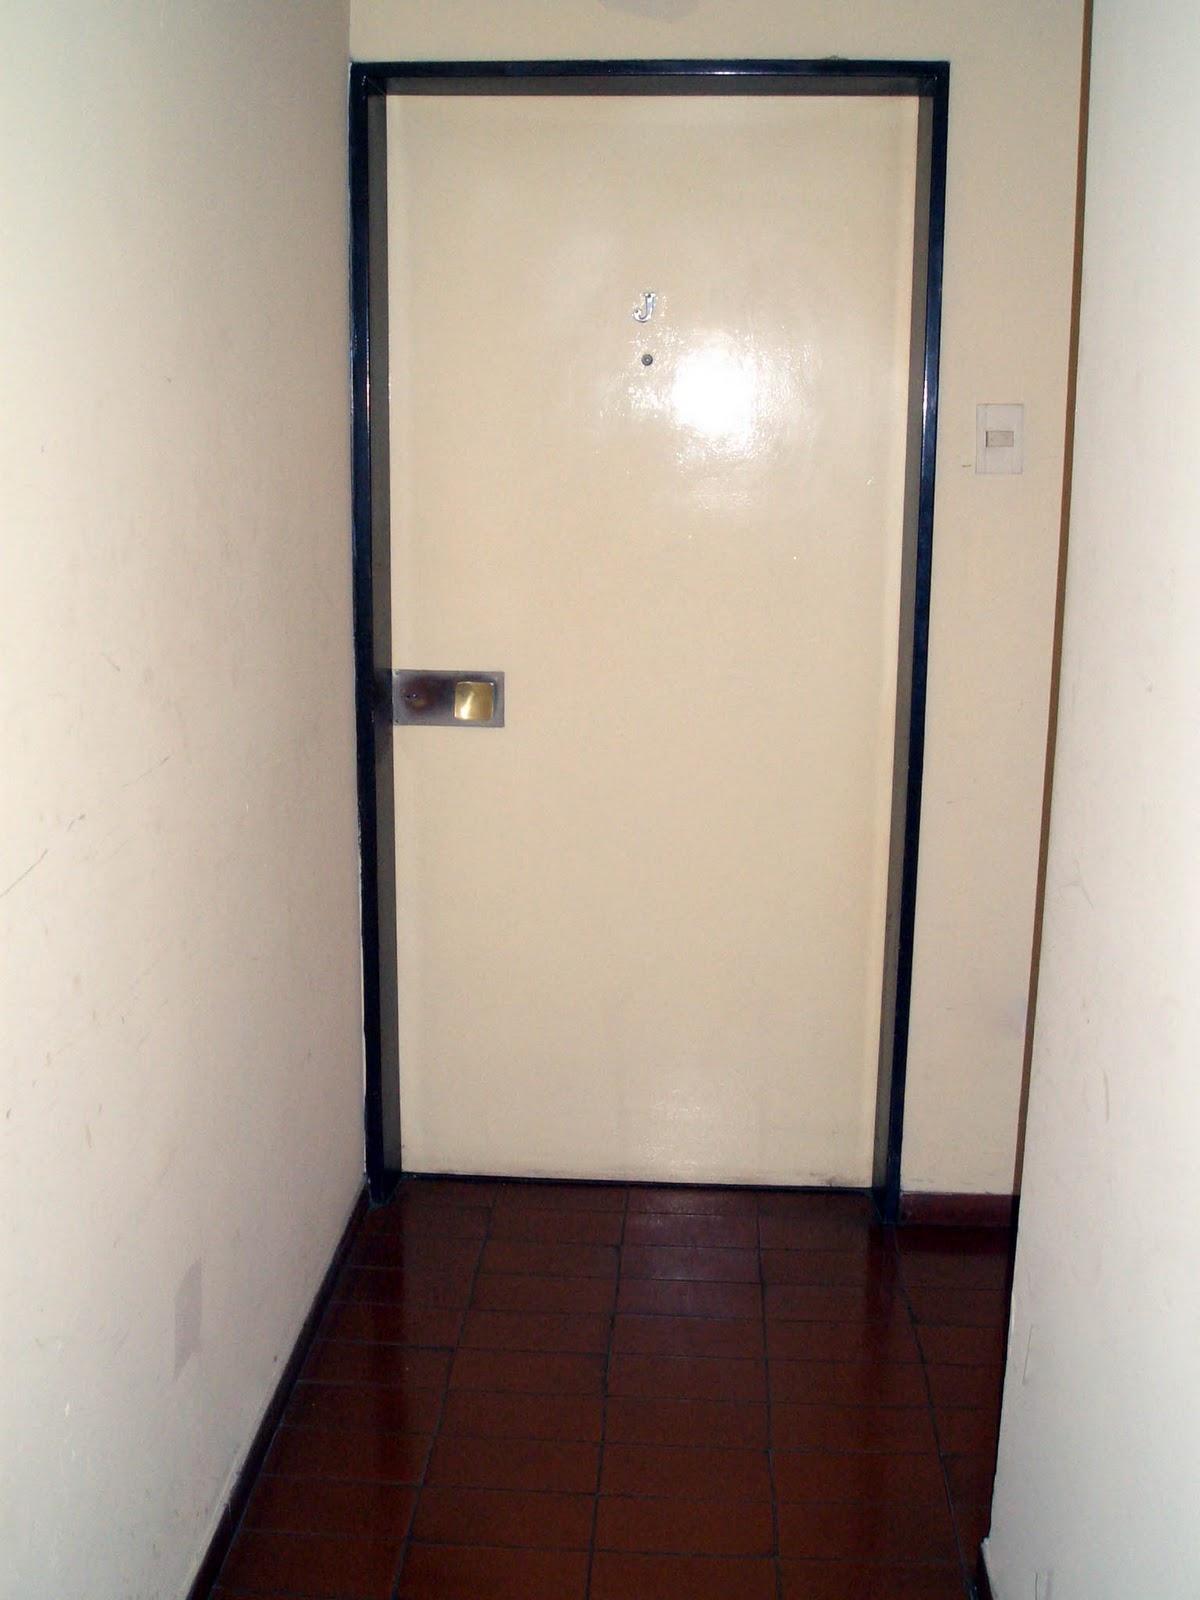 Talcahuano 1071 departamento talcahuano for Puerta 4 del jockey